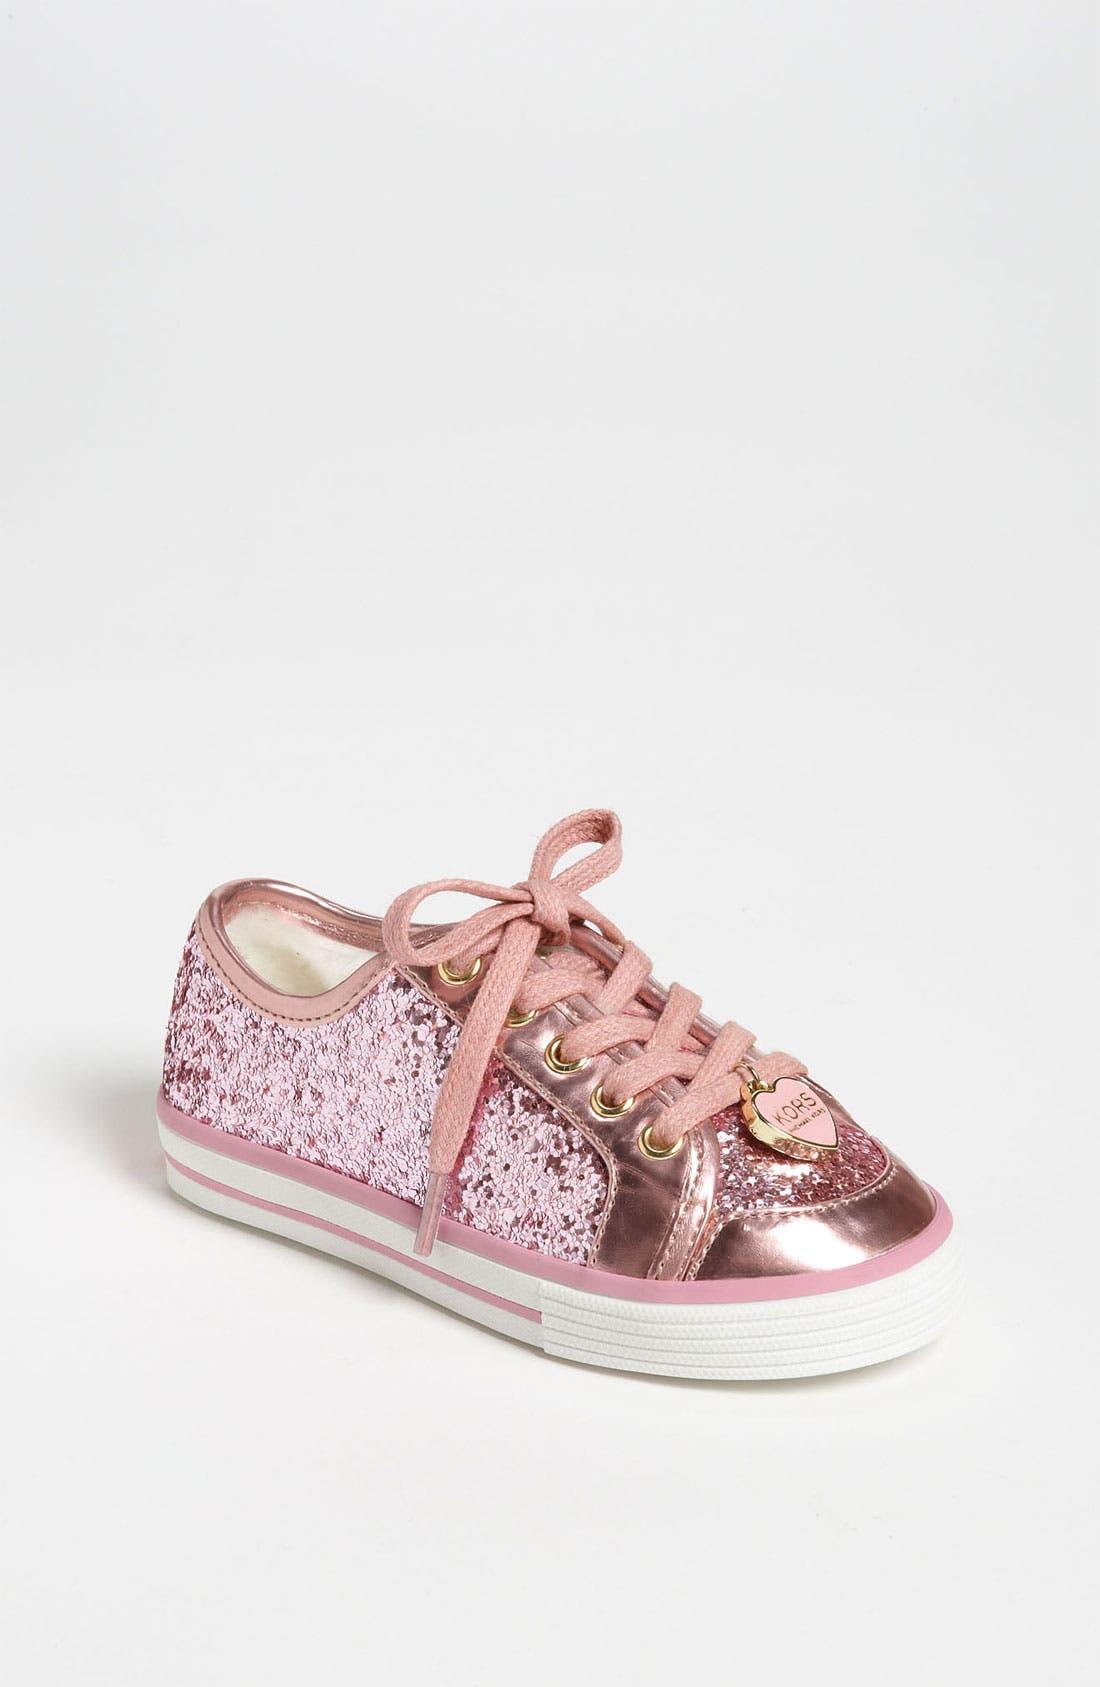 Main Image - KORS Michael Kors 'Lacie' Sneaker (Toddler)